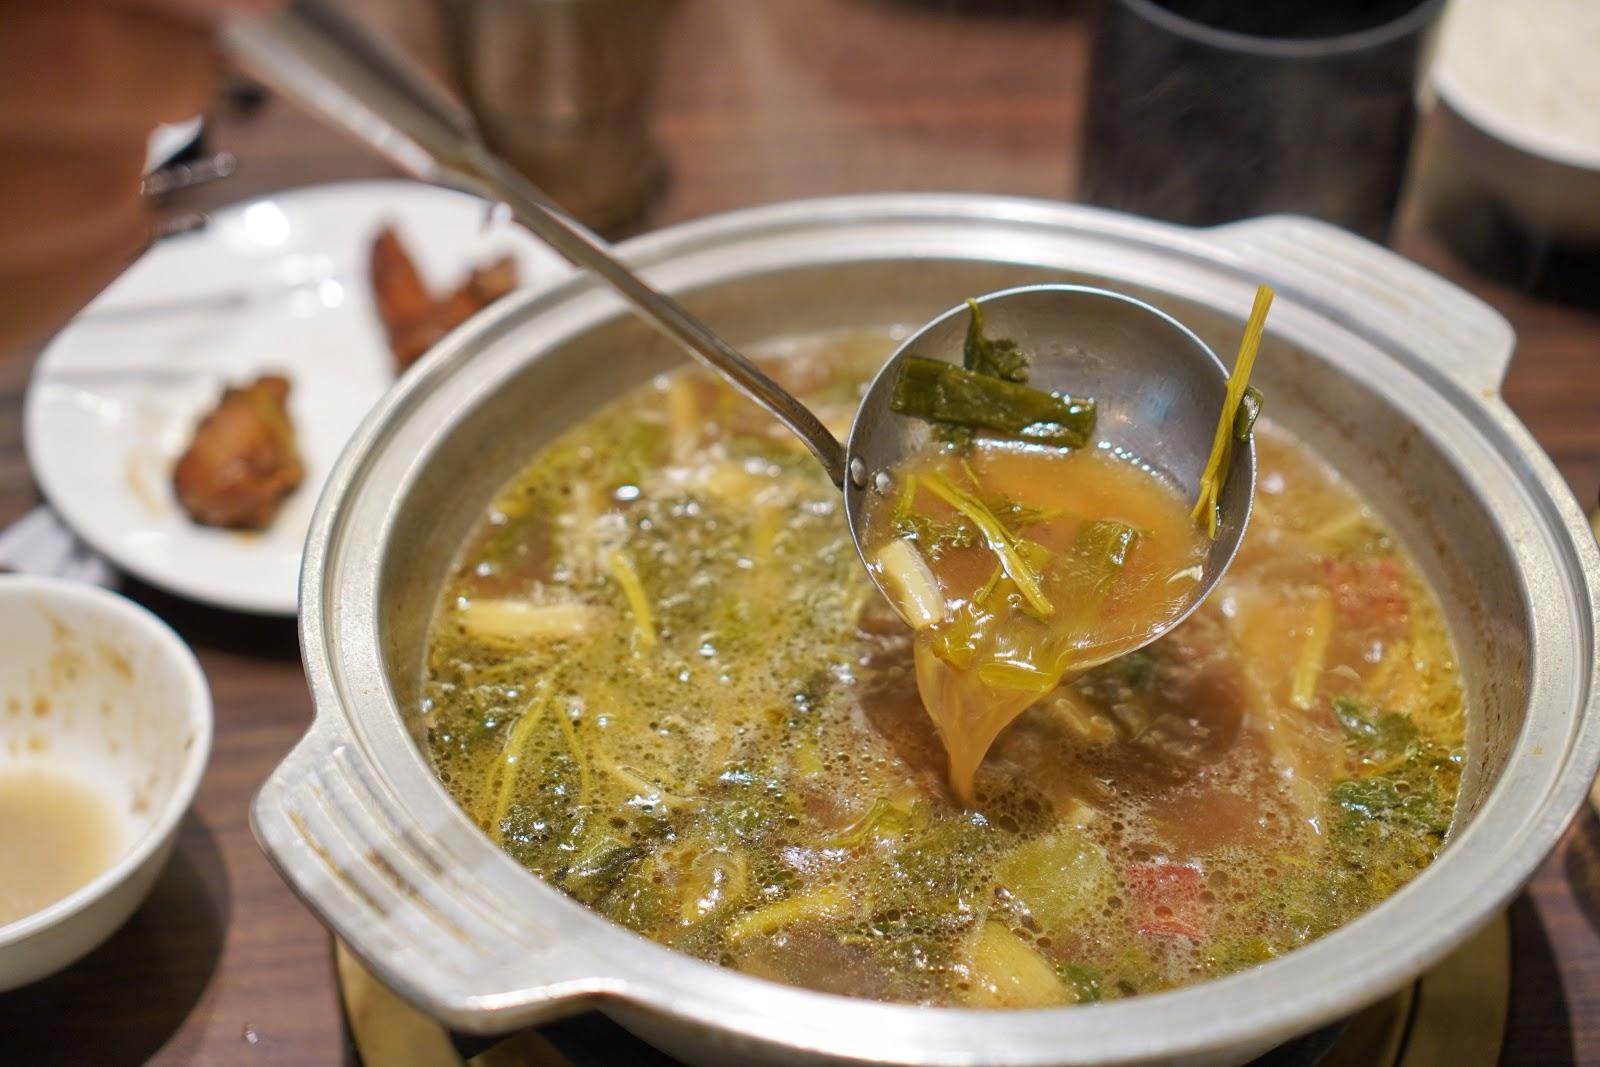 台南東區美食【廚房有雞花雕雞】正宗花雕雞第三吃